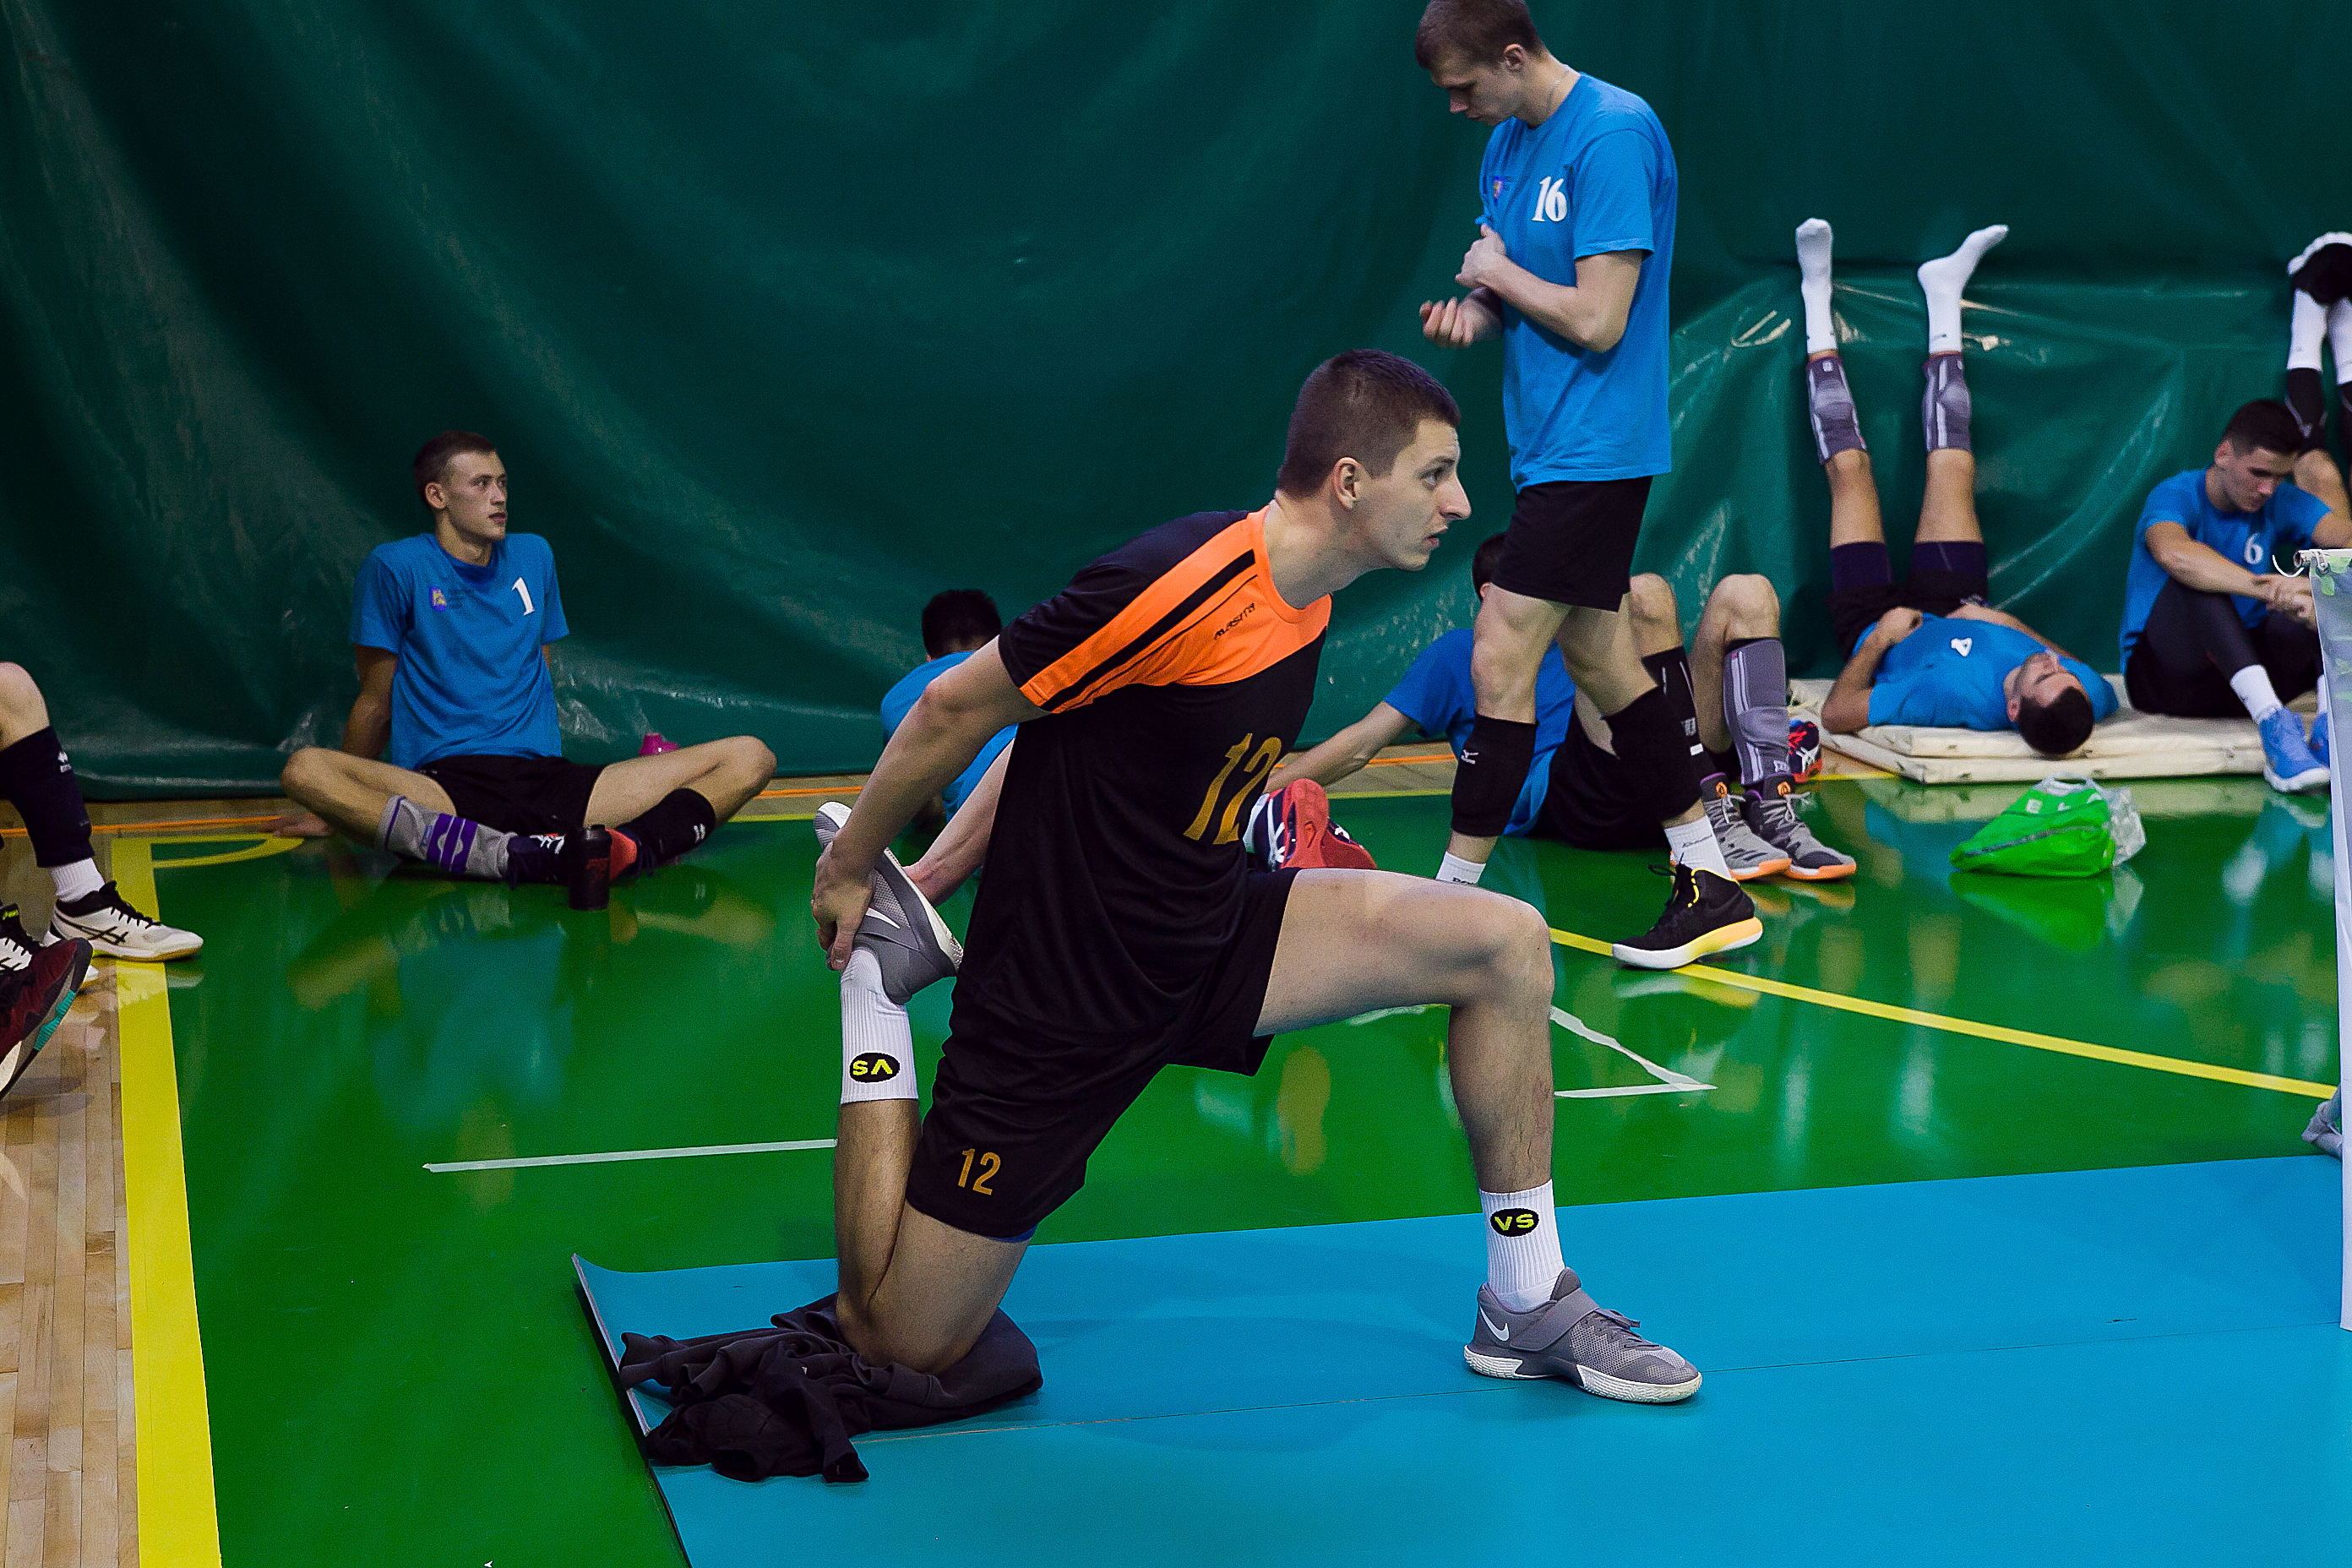 Відкритий Кубок Львова з волейболу 2018. ФОТОЗВІТ - 187